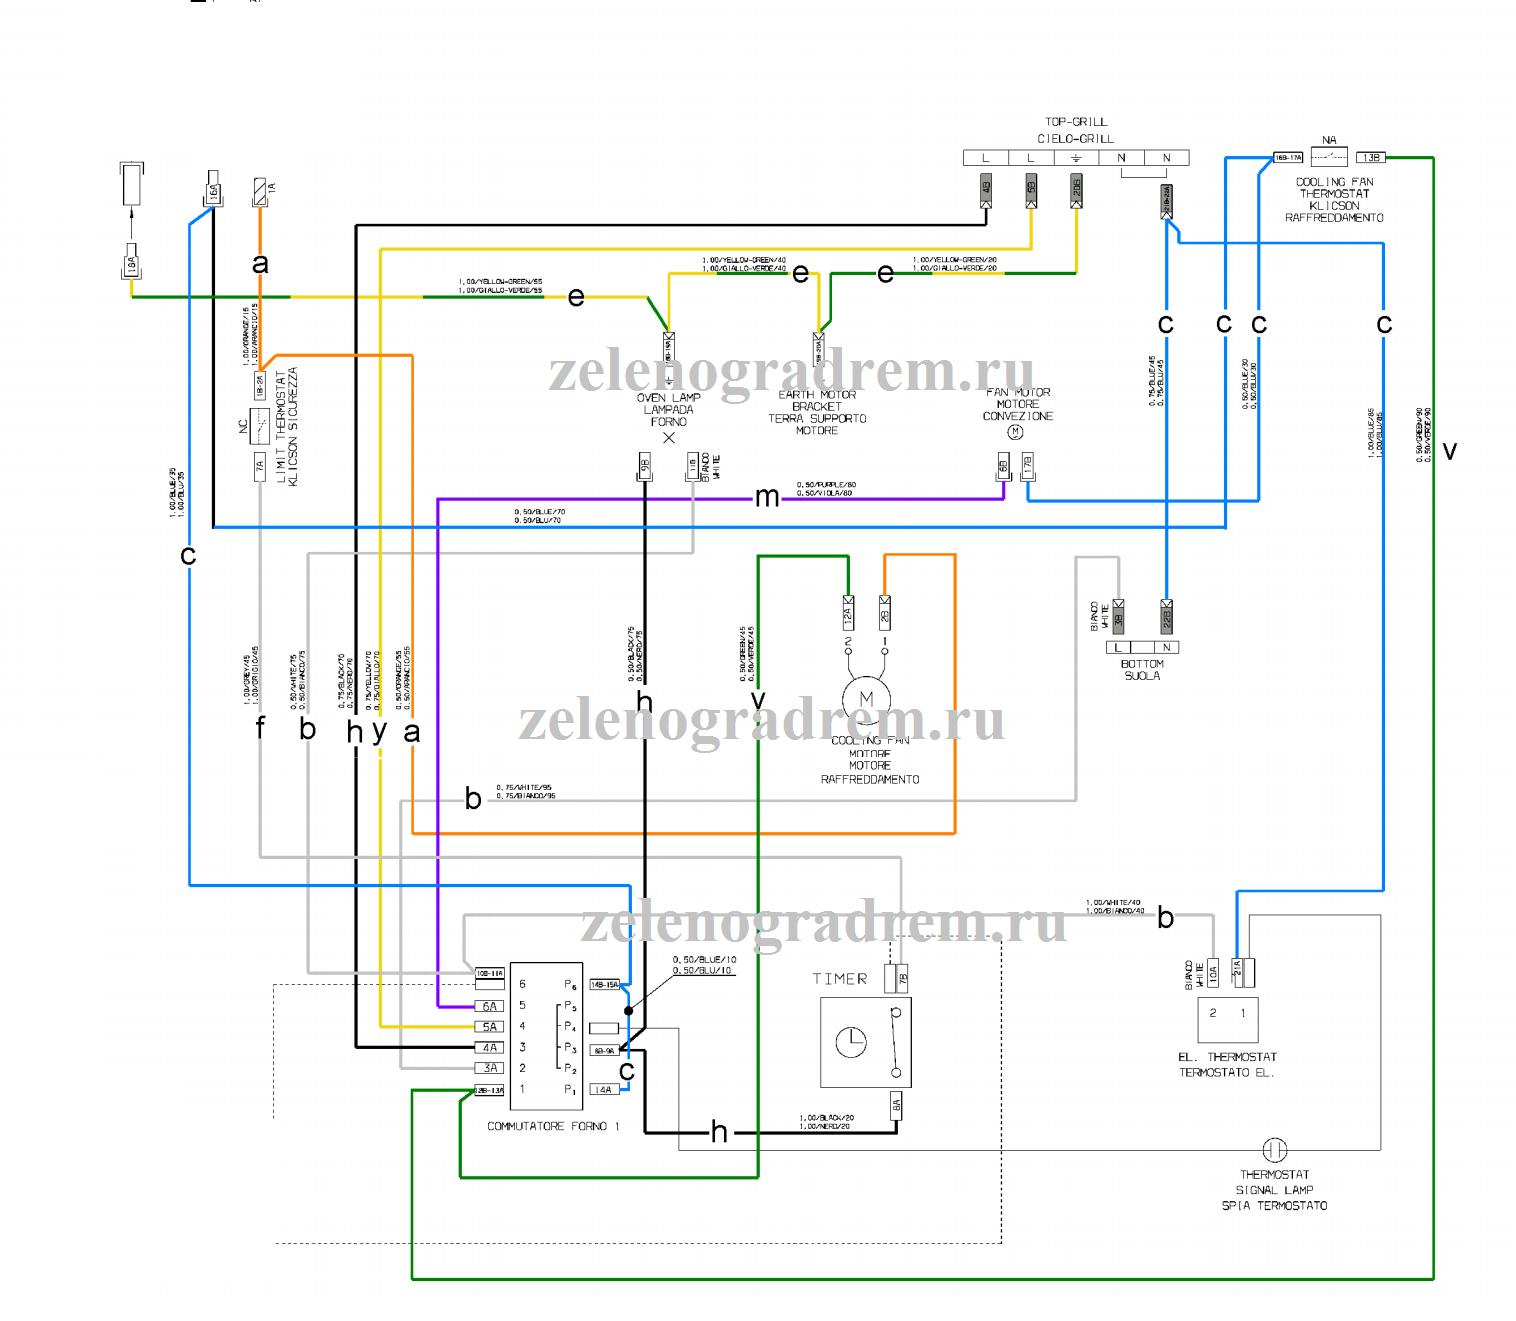 cхема духового шкафа с механическим таймером